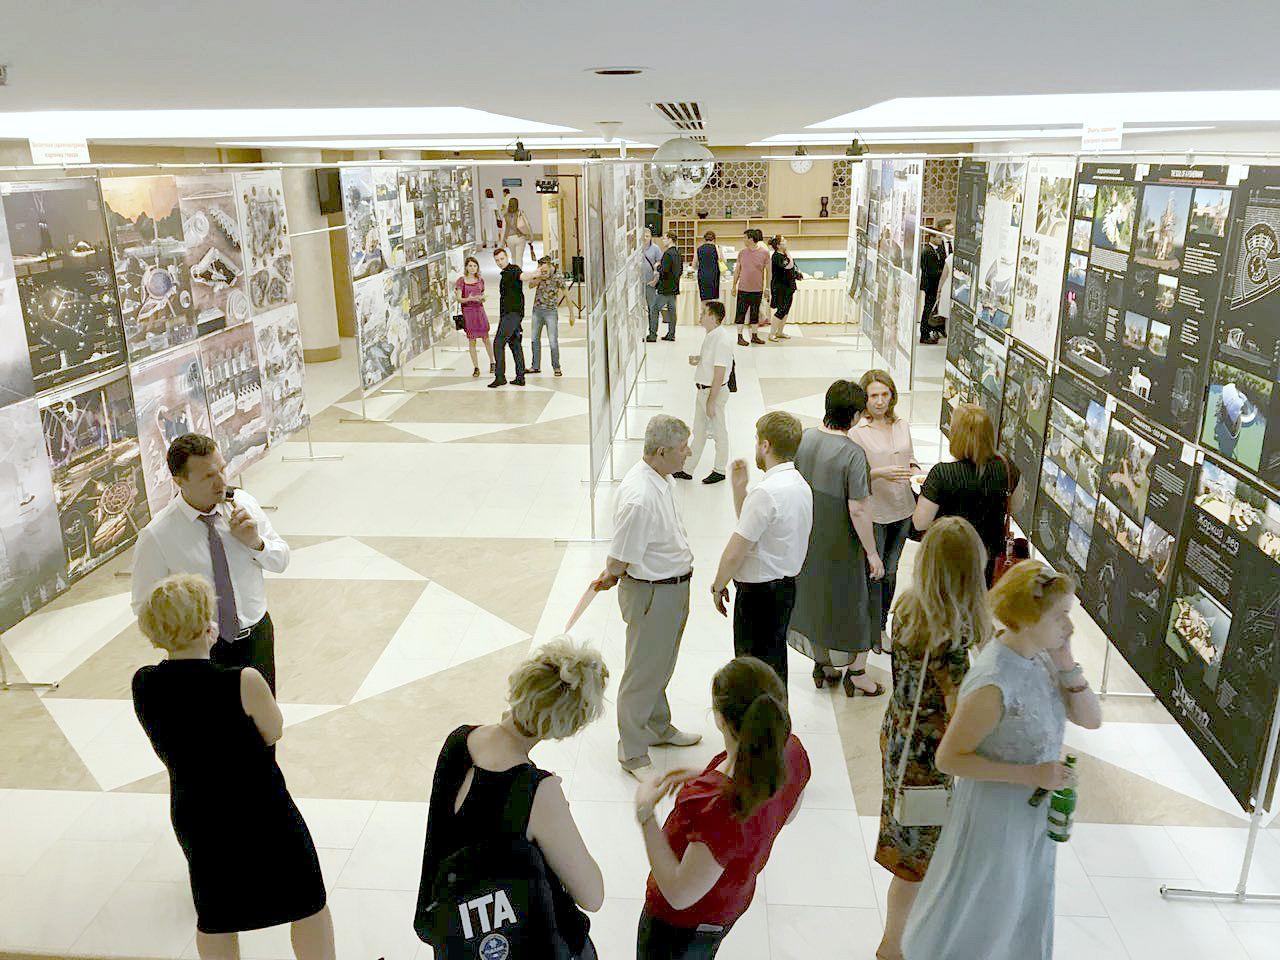 Ессентукские медики пополнили свои знания благодаря конгрессу по санаторно-курортному лечению